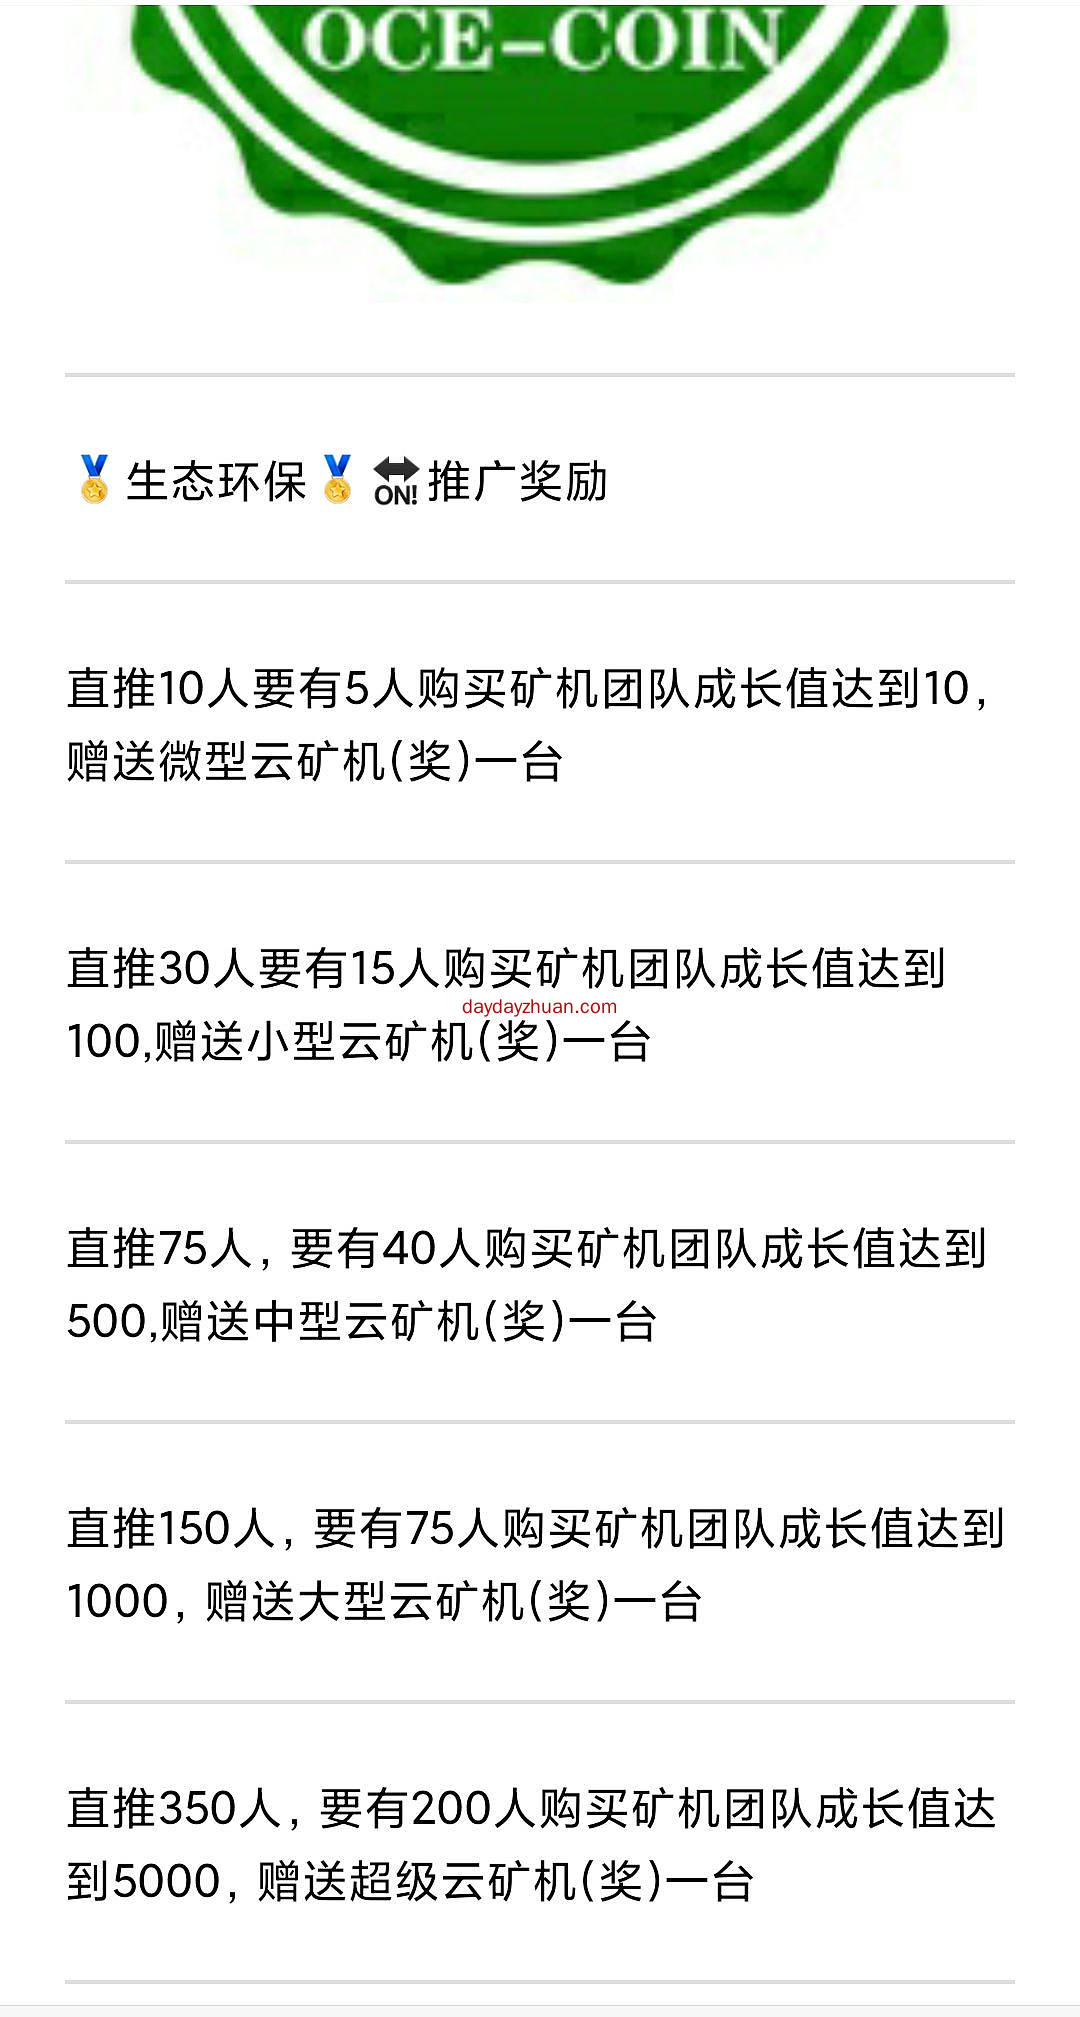 OCE推广福利  第4张